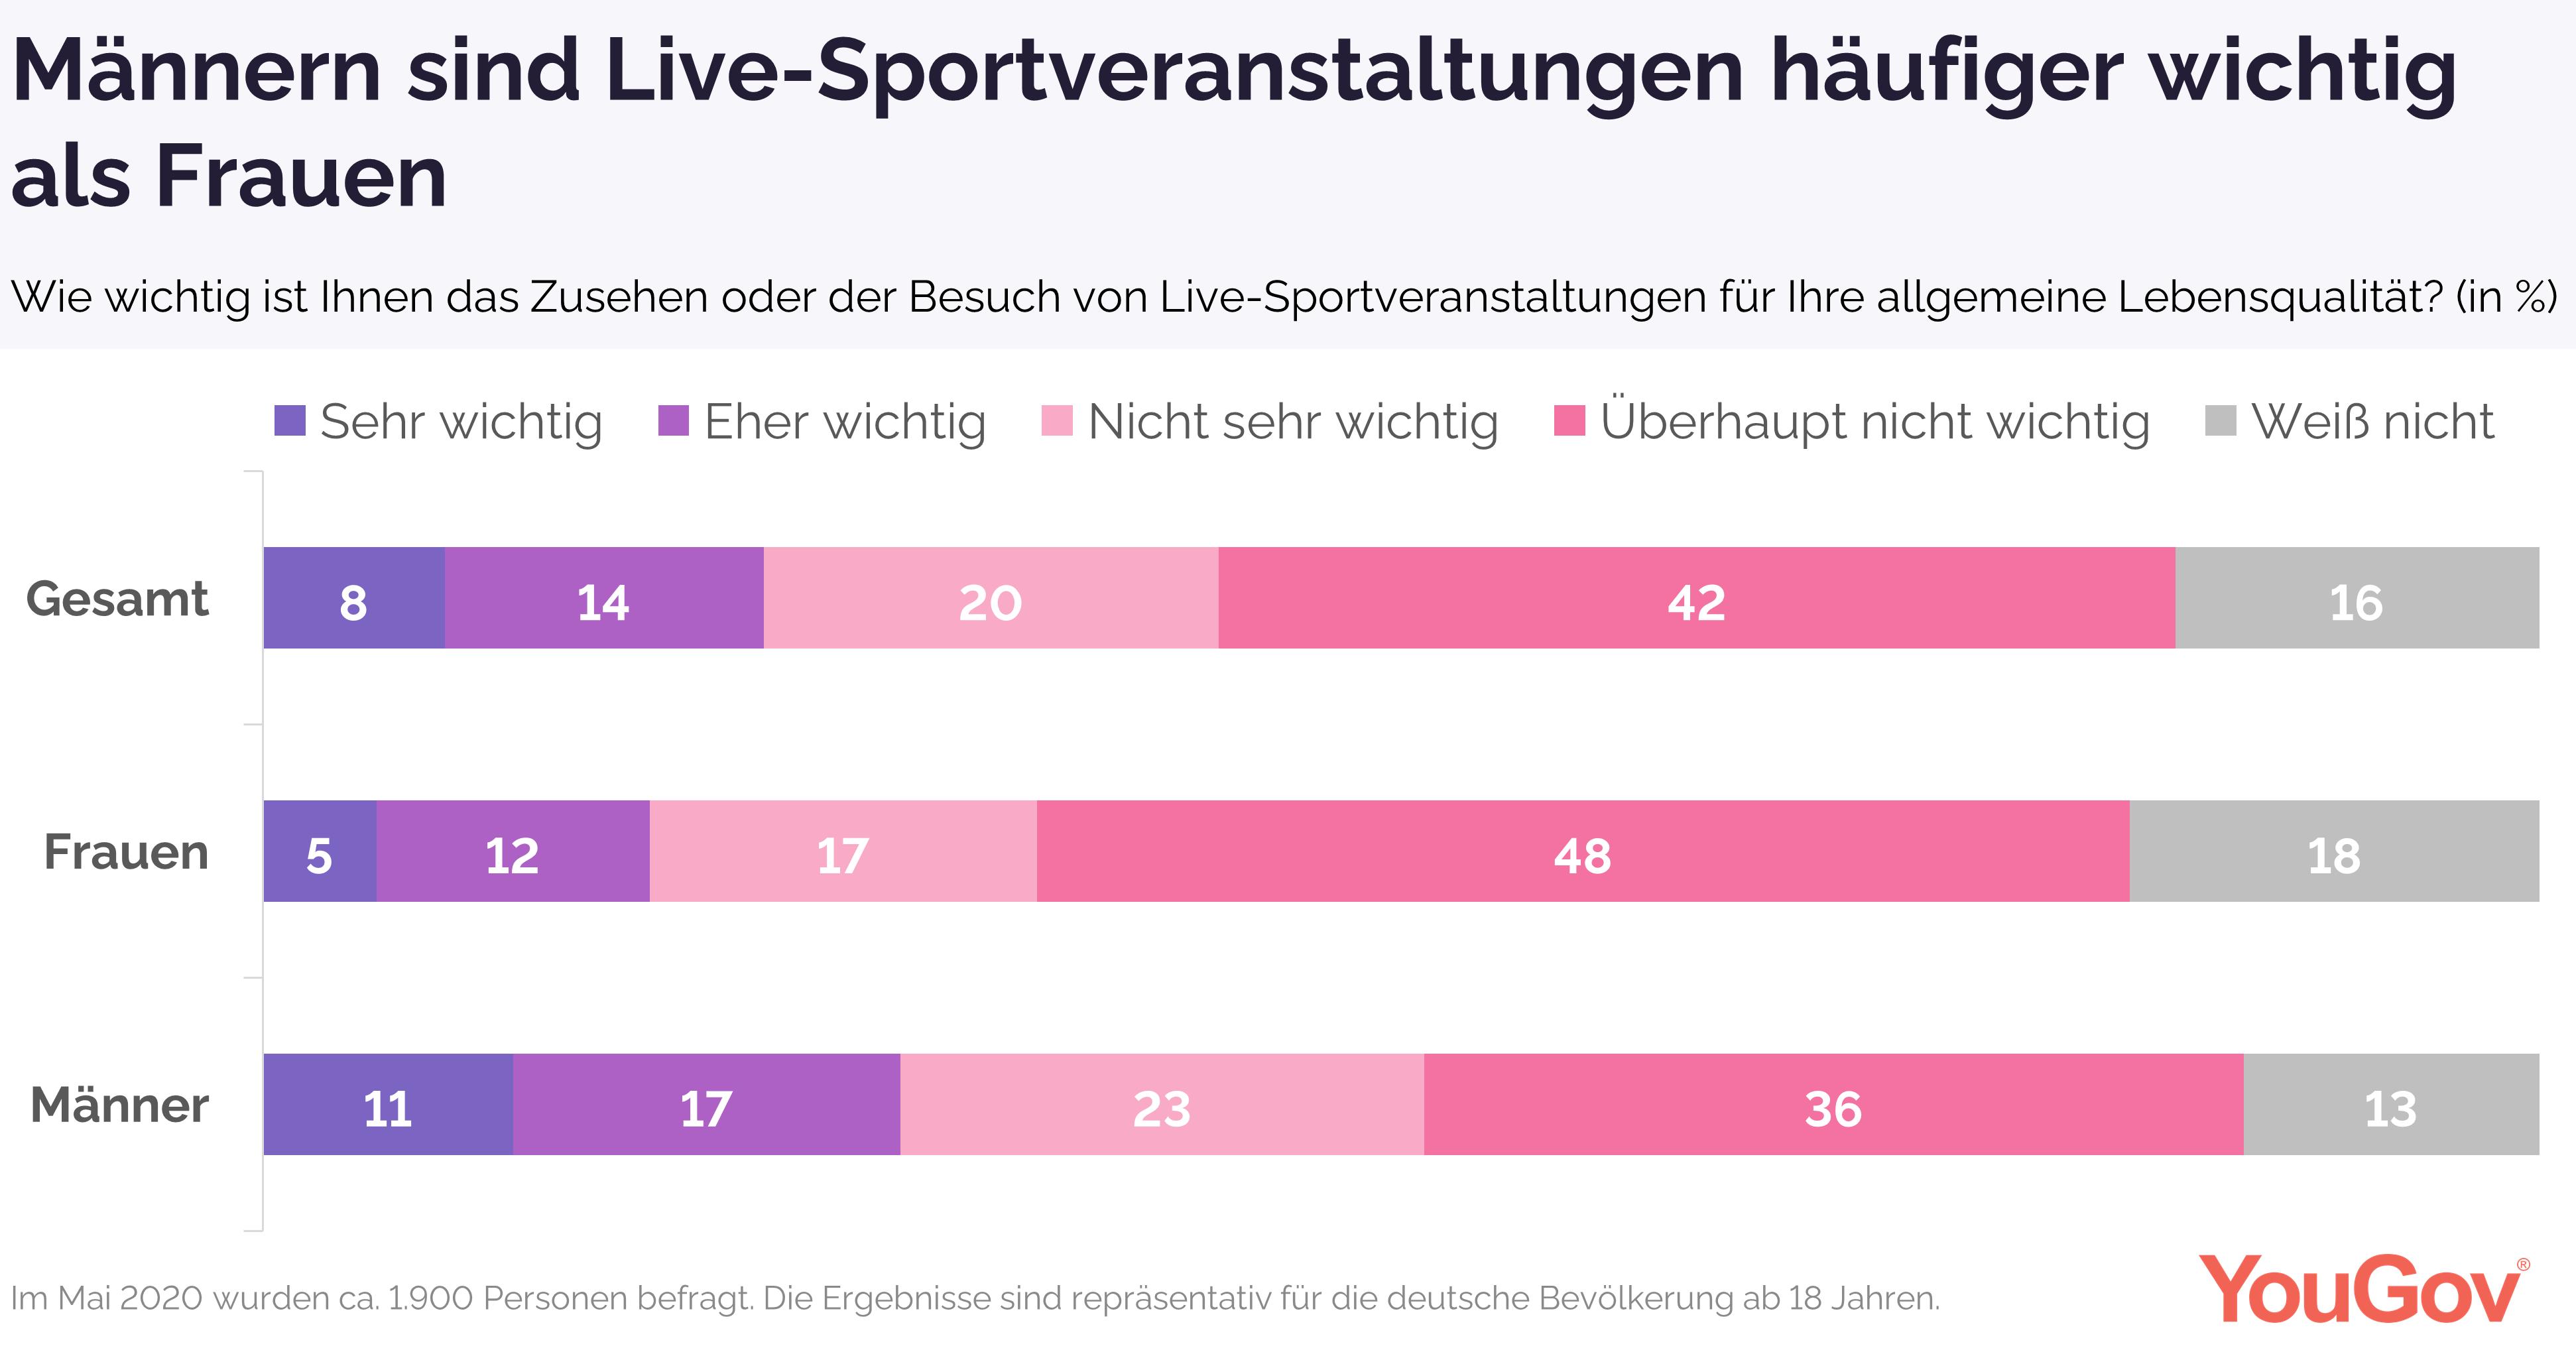 Männern sind Live-Sportveranstaltungen wichtiger